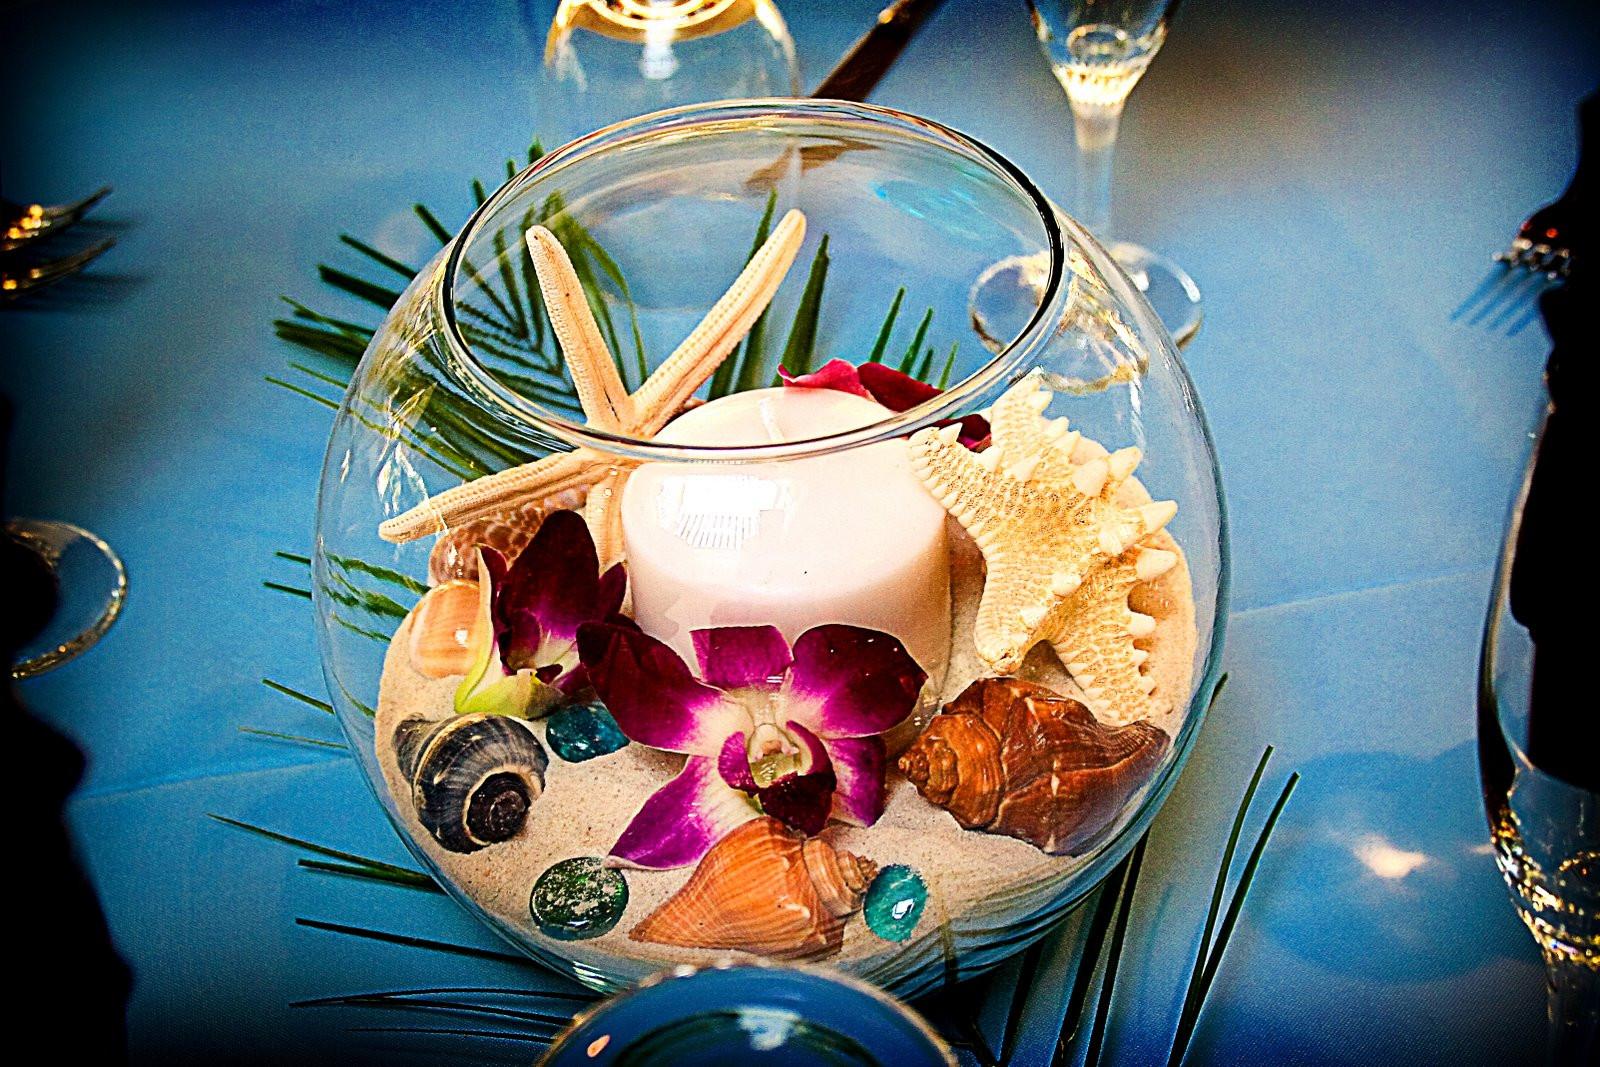 Party On The Beach Ideas  Beach Theme Island Ideas – Wedding Reception or Party